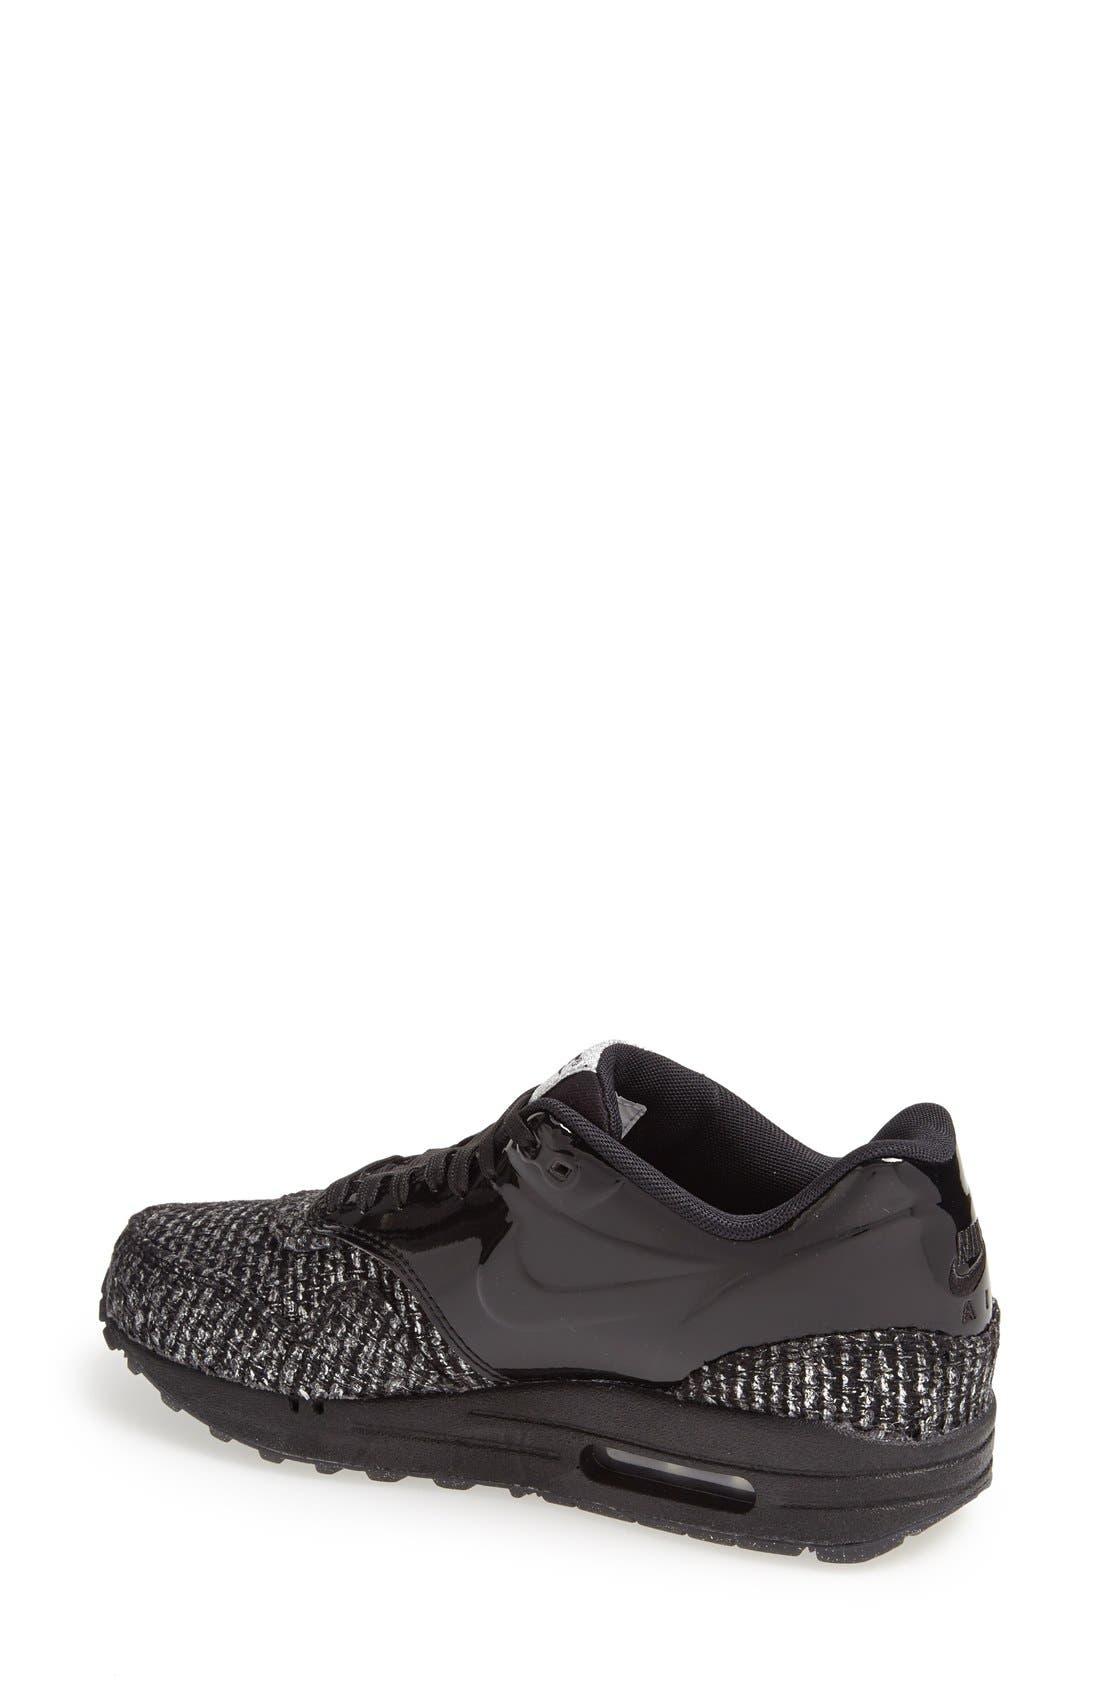 Alternate Image 2  - Nike 'Air Max 1 QS' Sneaker (Women)